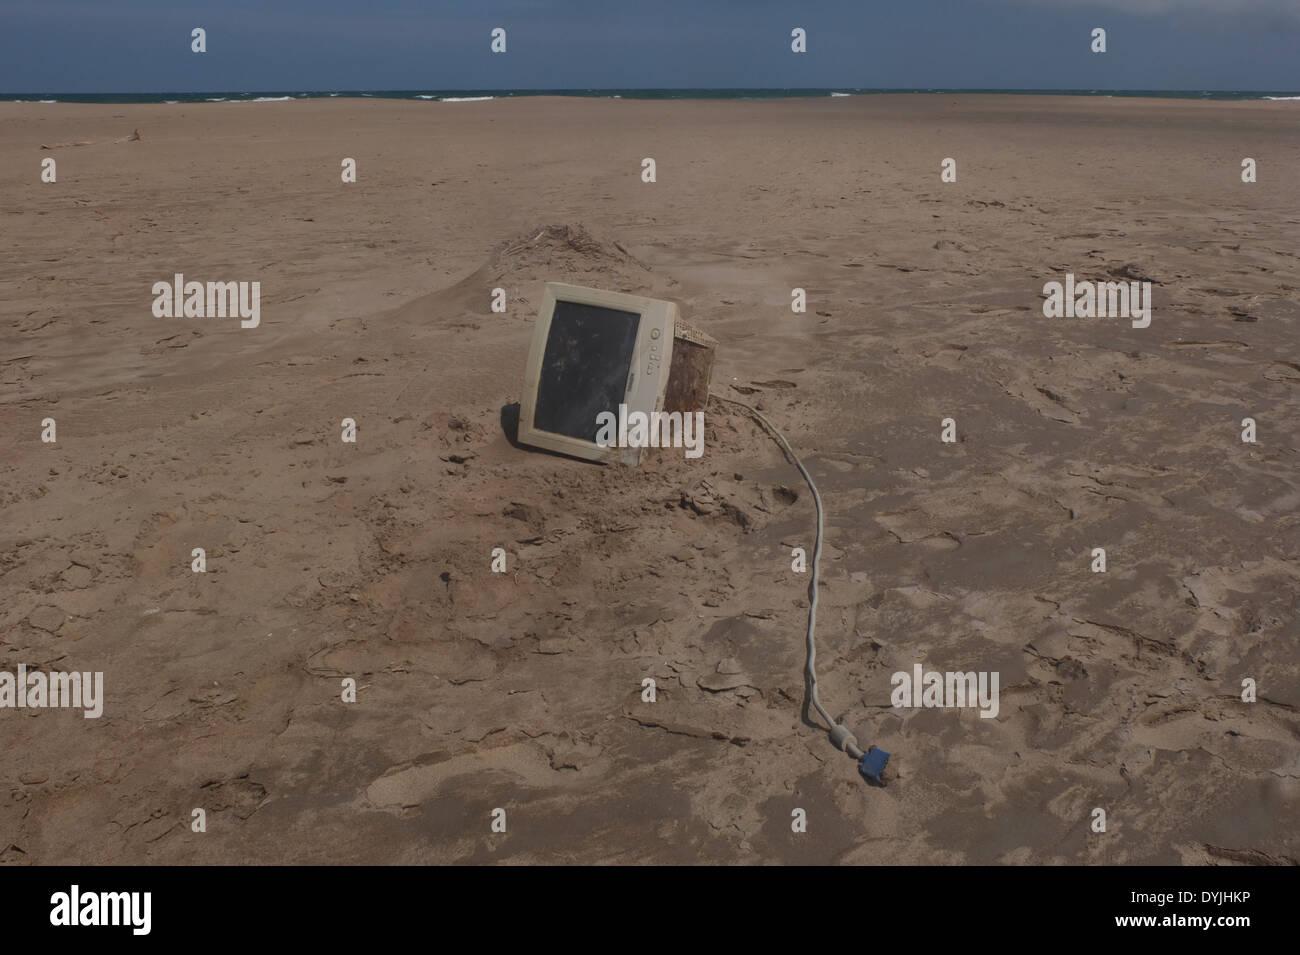 Calculador electrónico basura en la playa Imagen De Stock